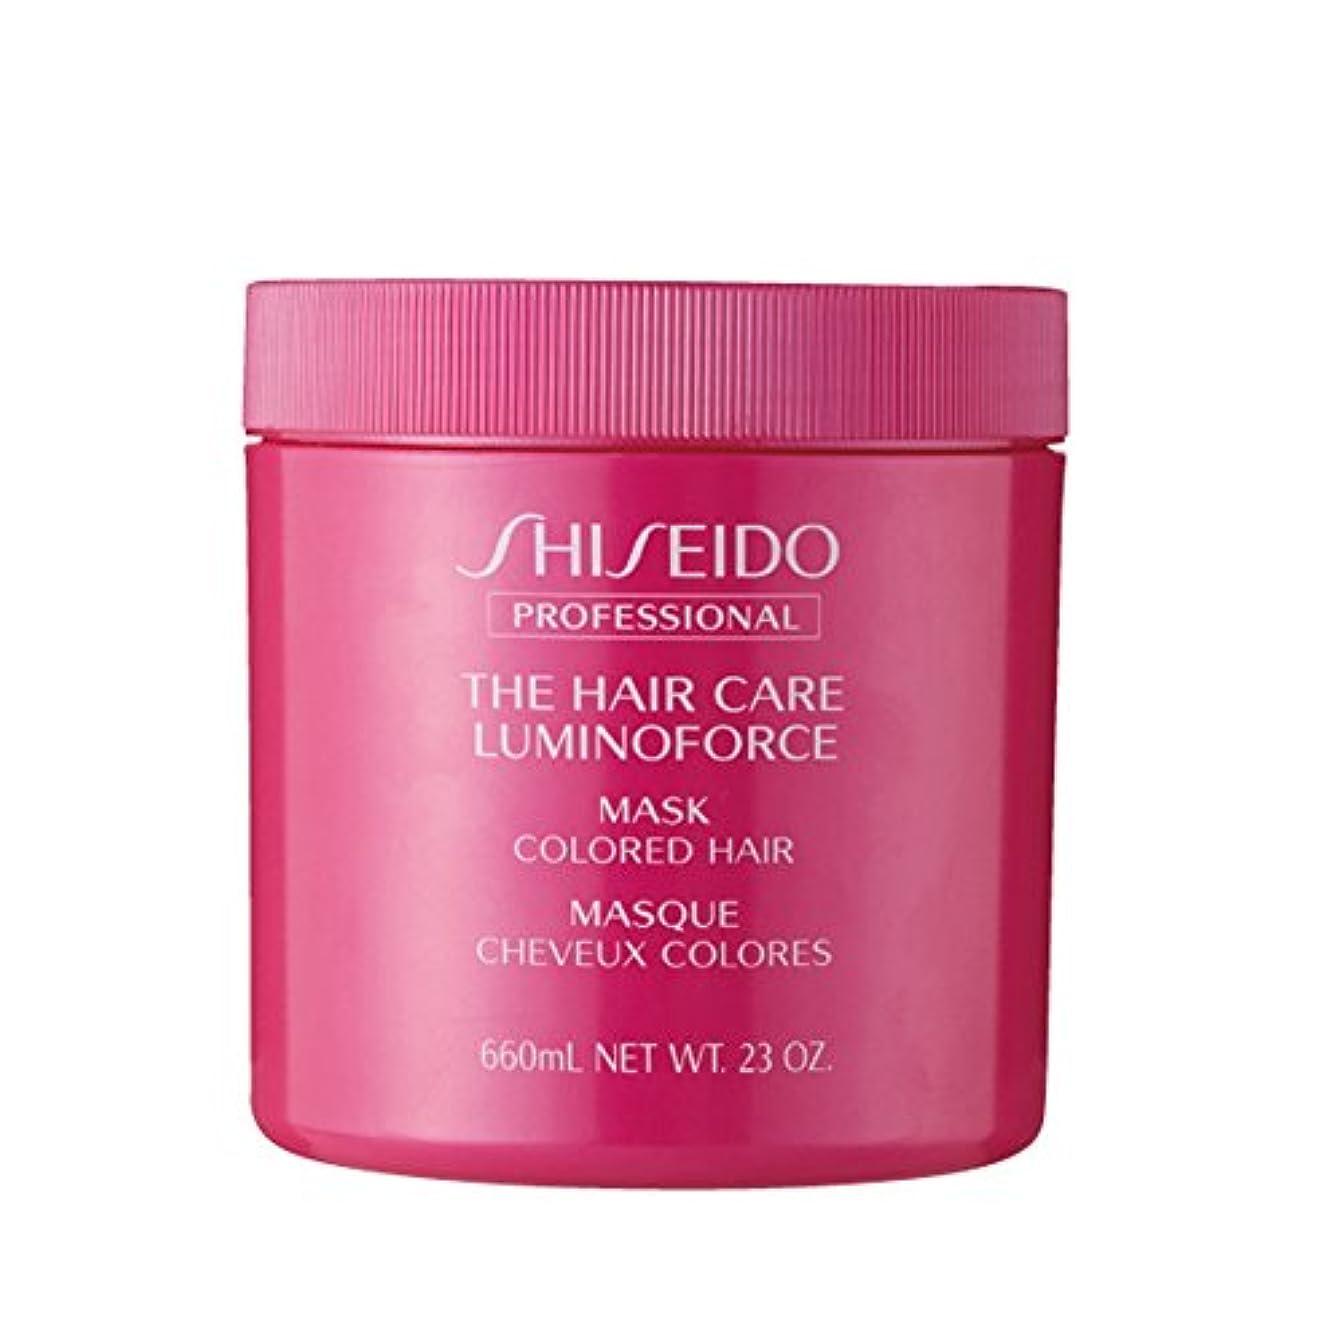 アラビア語リマークセンター資生堂 THC ルミノフォースマスク 680g ×2個 セットヘアカラーを繰り返したごわついた髪を、芯からしなやかでつややかな髪へSHISEIDO LUMINOFORCE